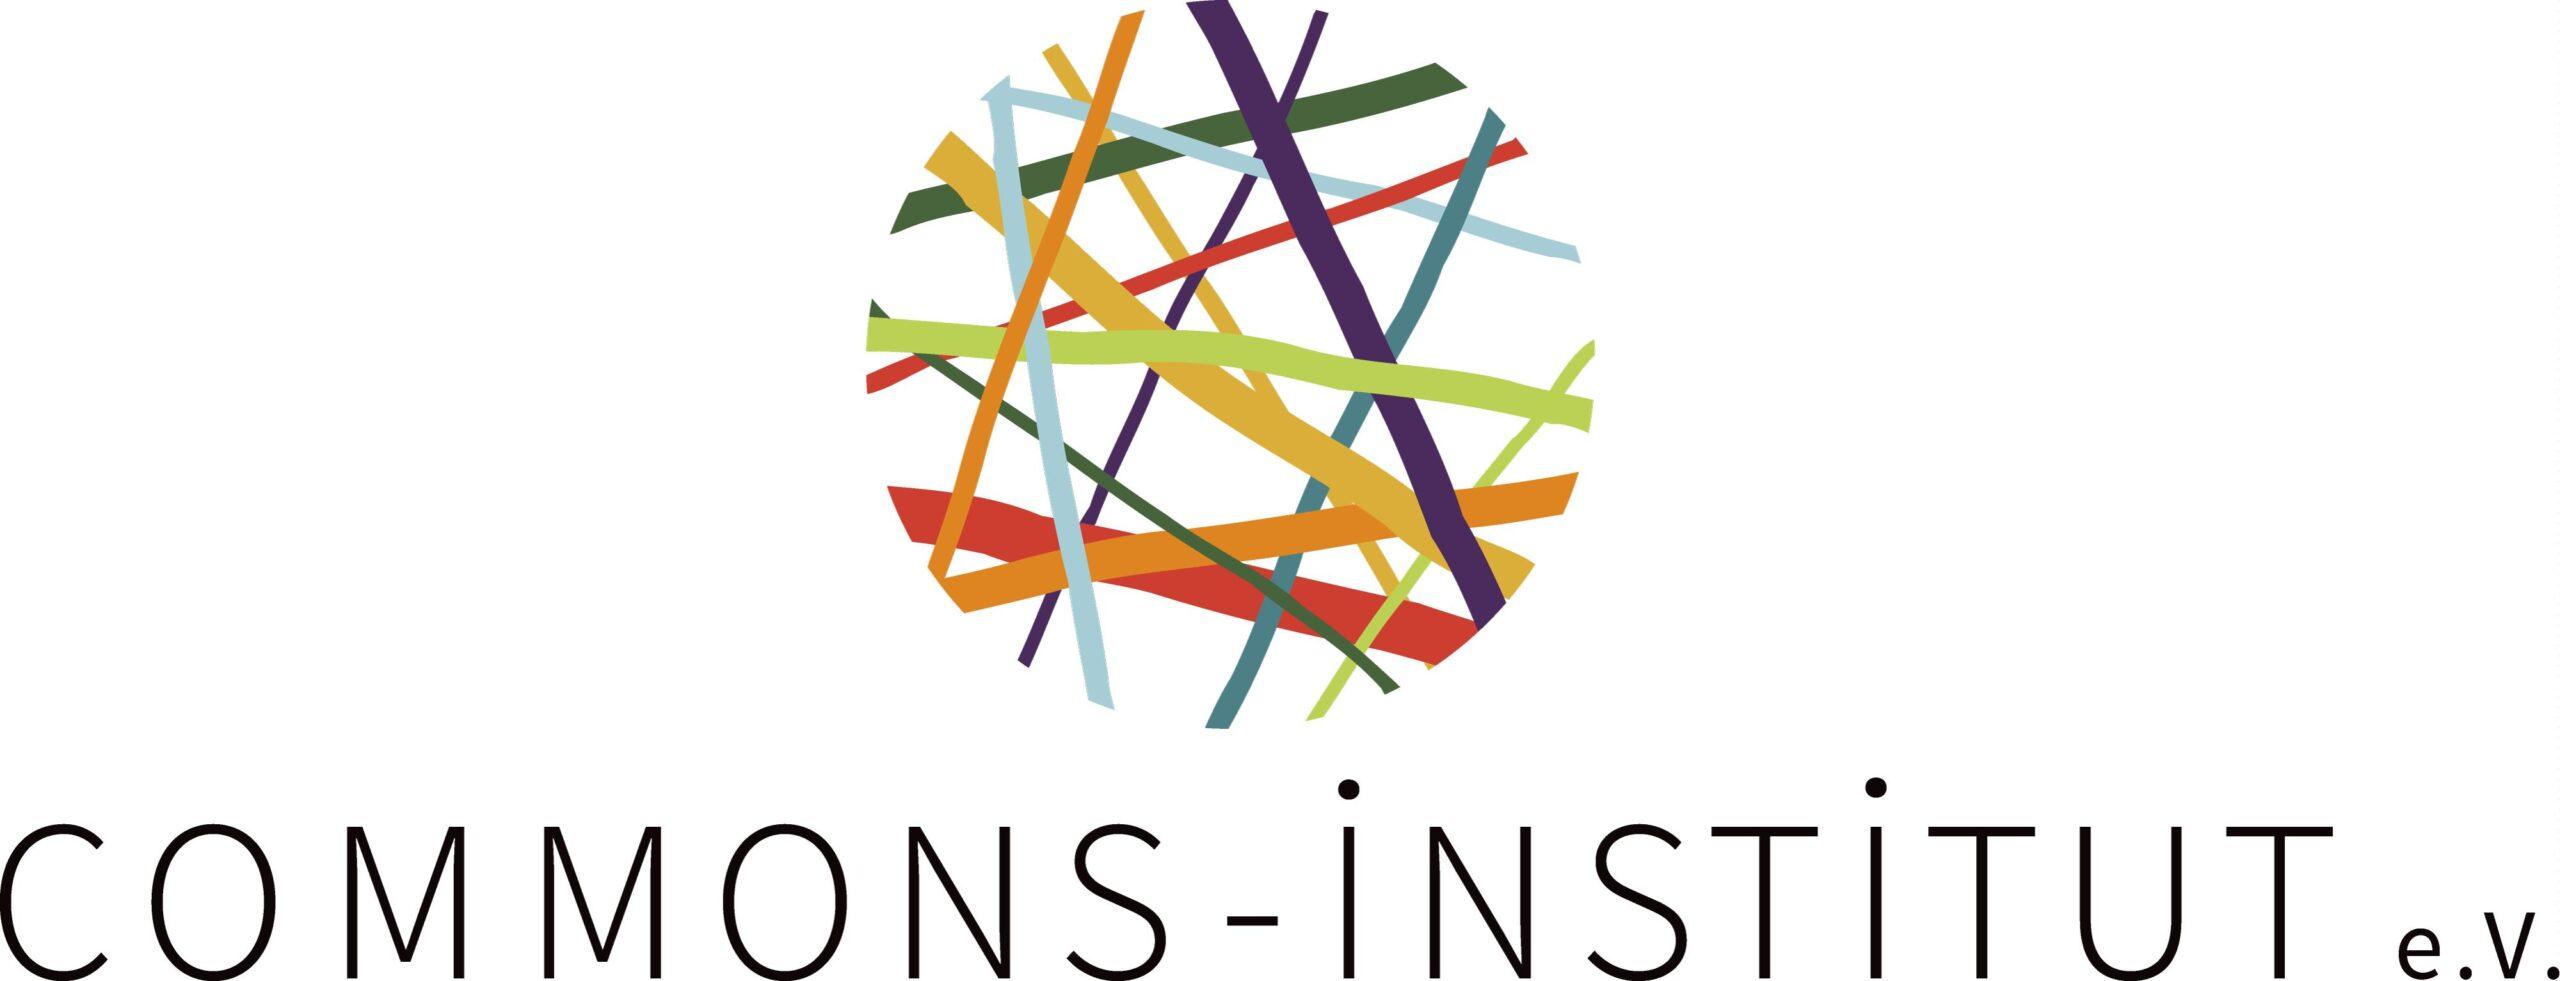 Commons-Insitut